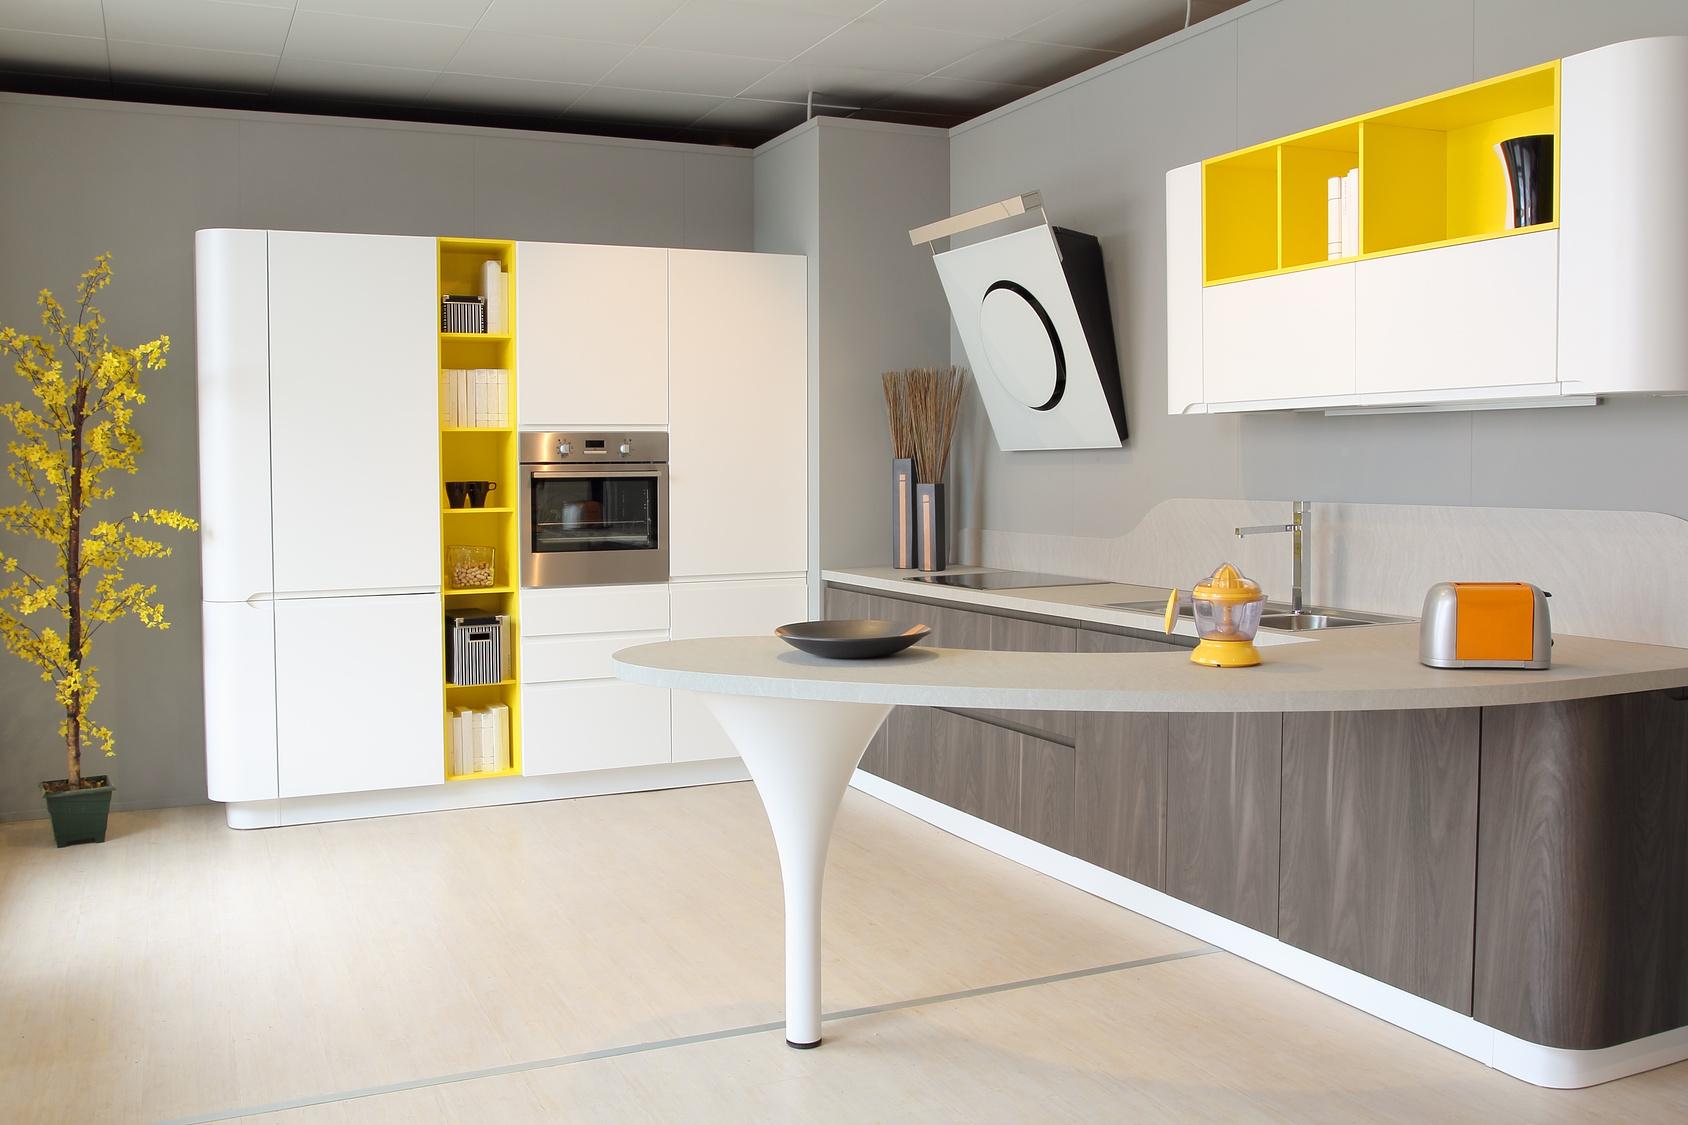 Küchen Halbinsel Form Beeindruckend On Andere Für Die Küche Mit Platzsparend Und Multifunktionell 6